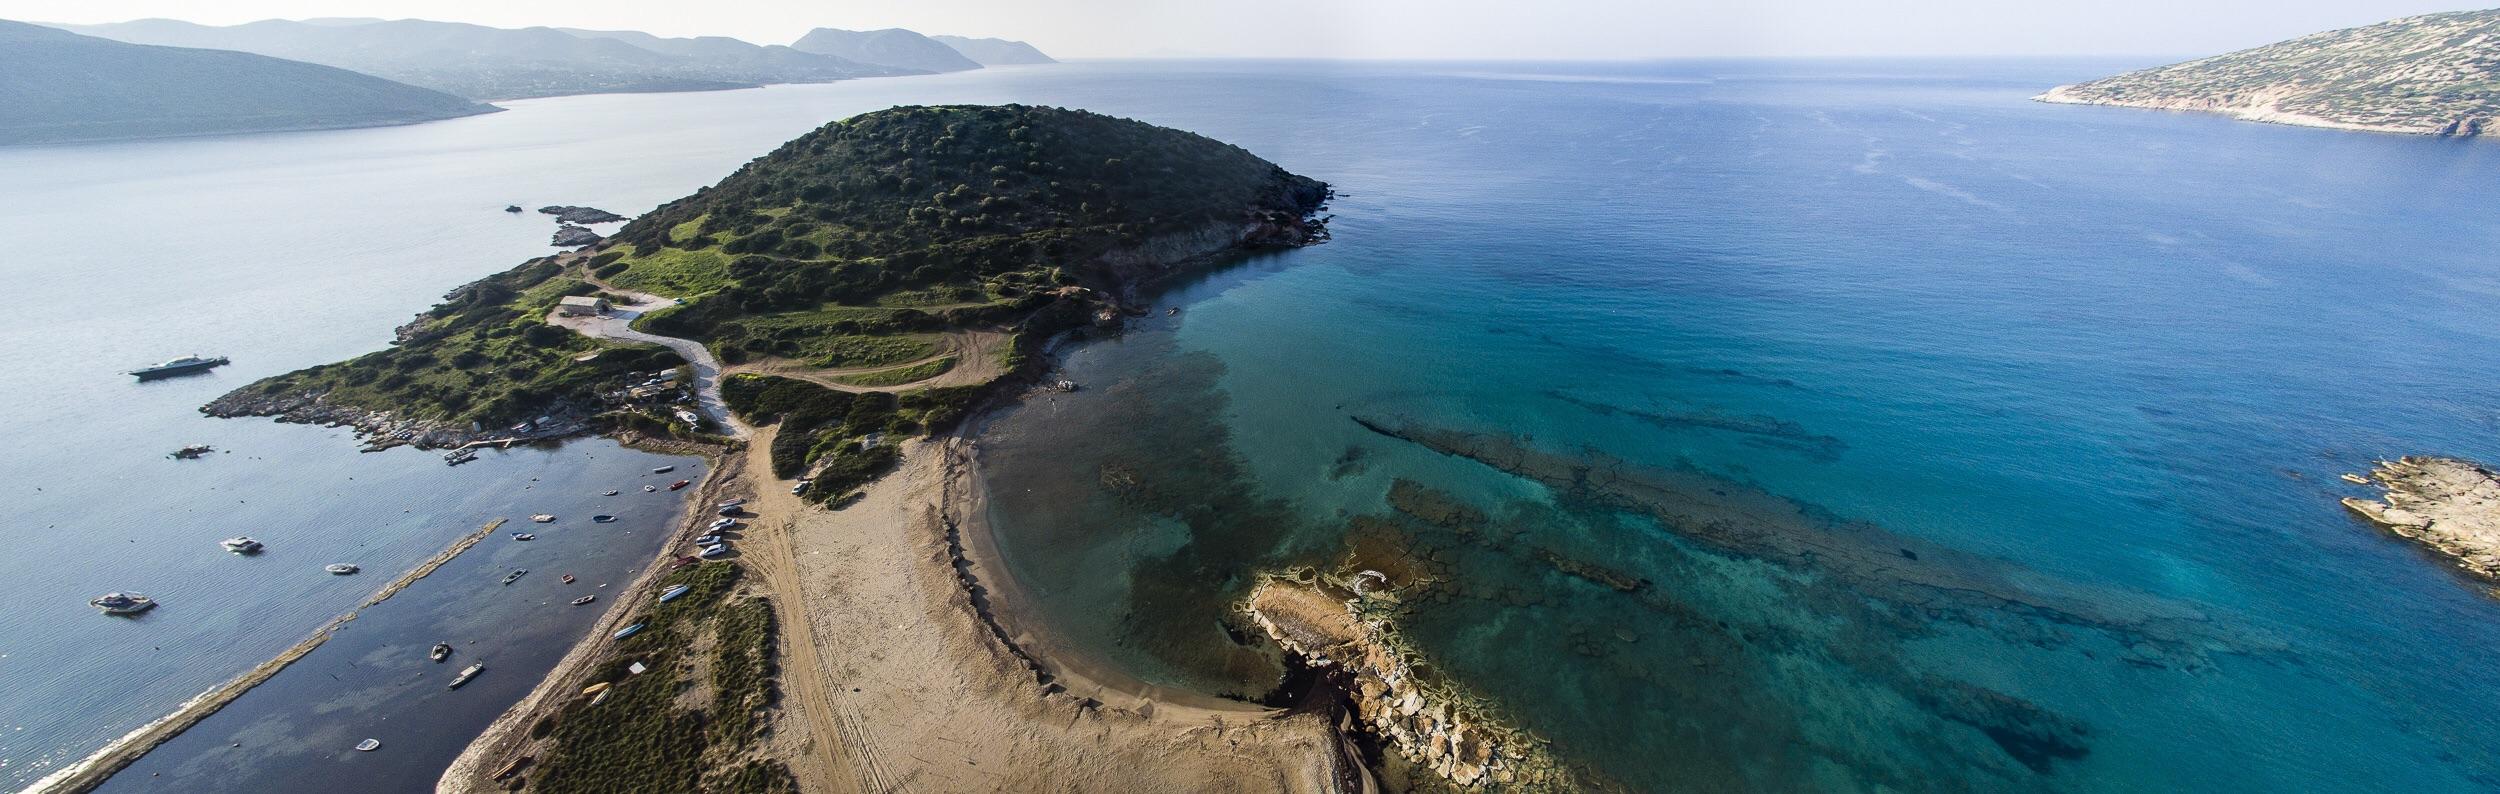 Anavyssos on the coast of Athens